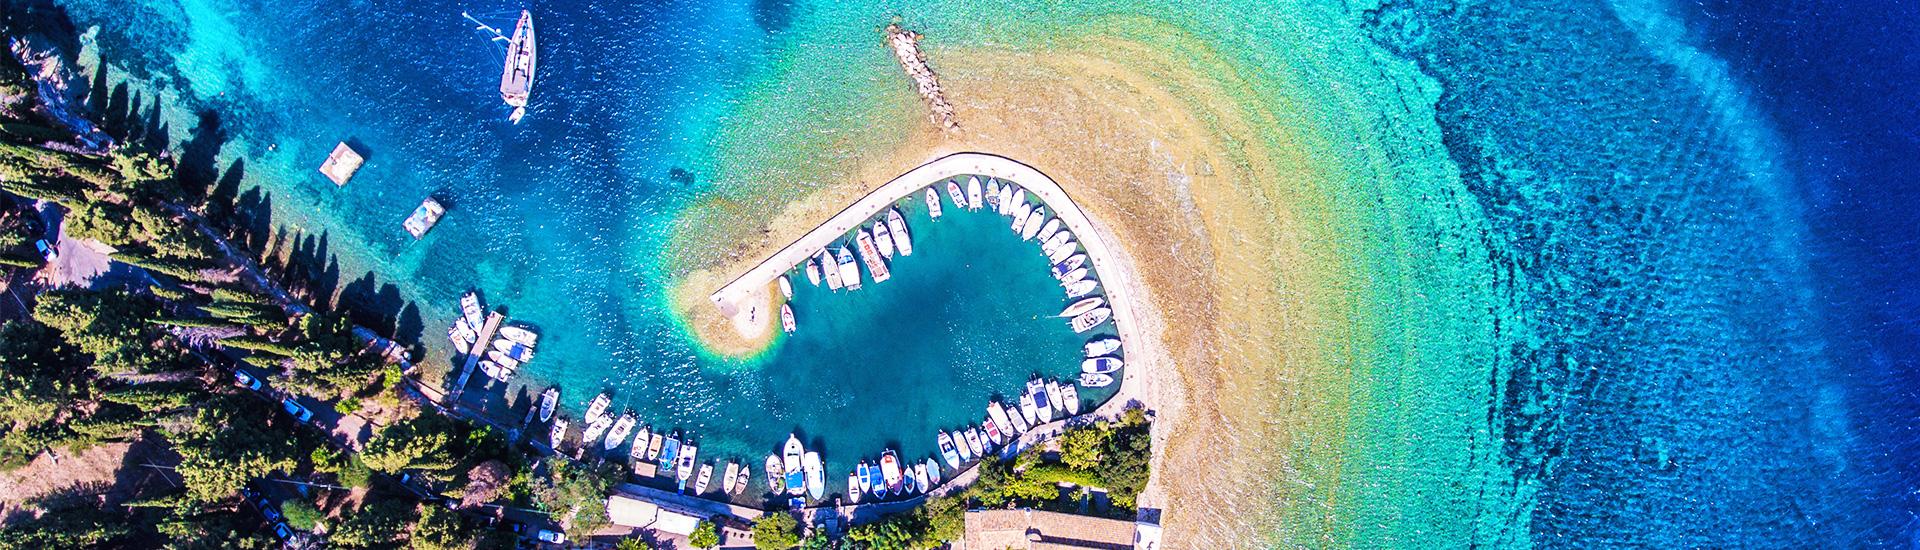 €269 για 7 μέρες στο νησί των Φαιάκων, την Κέρκυρα